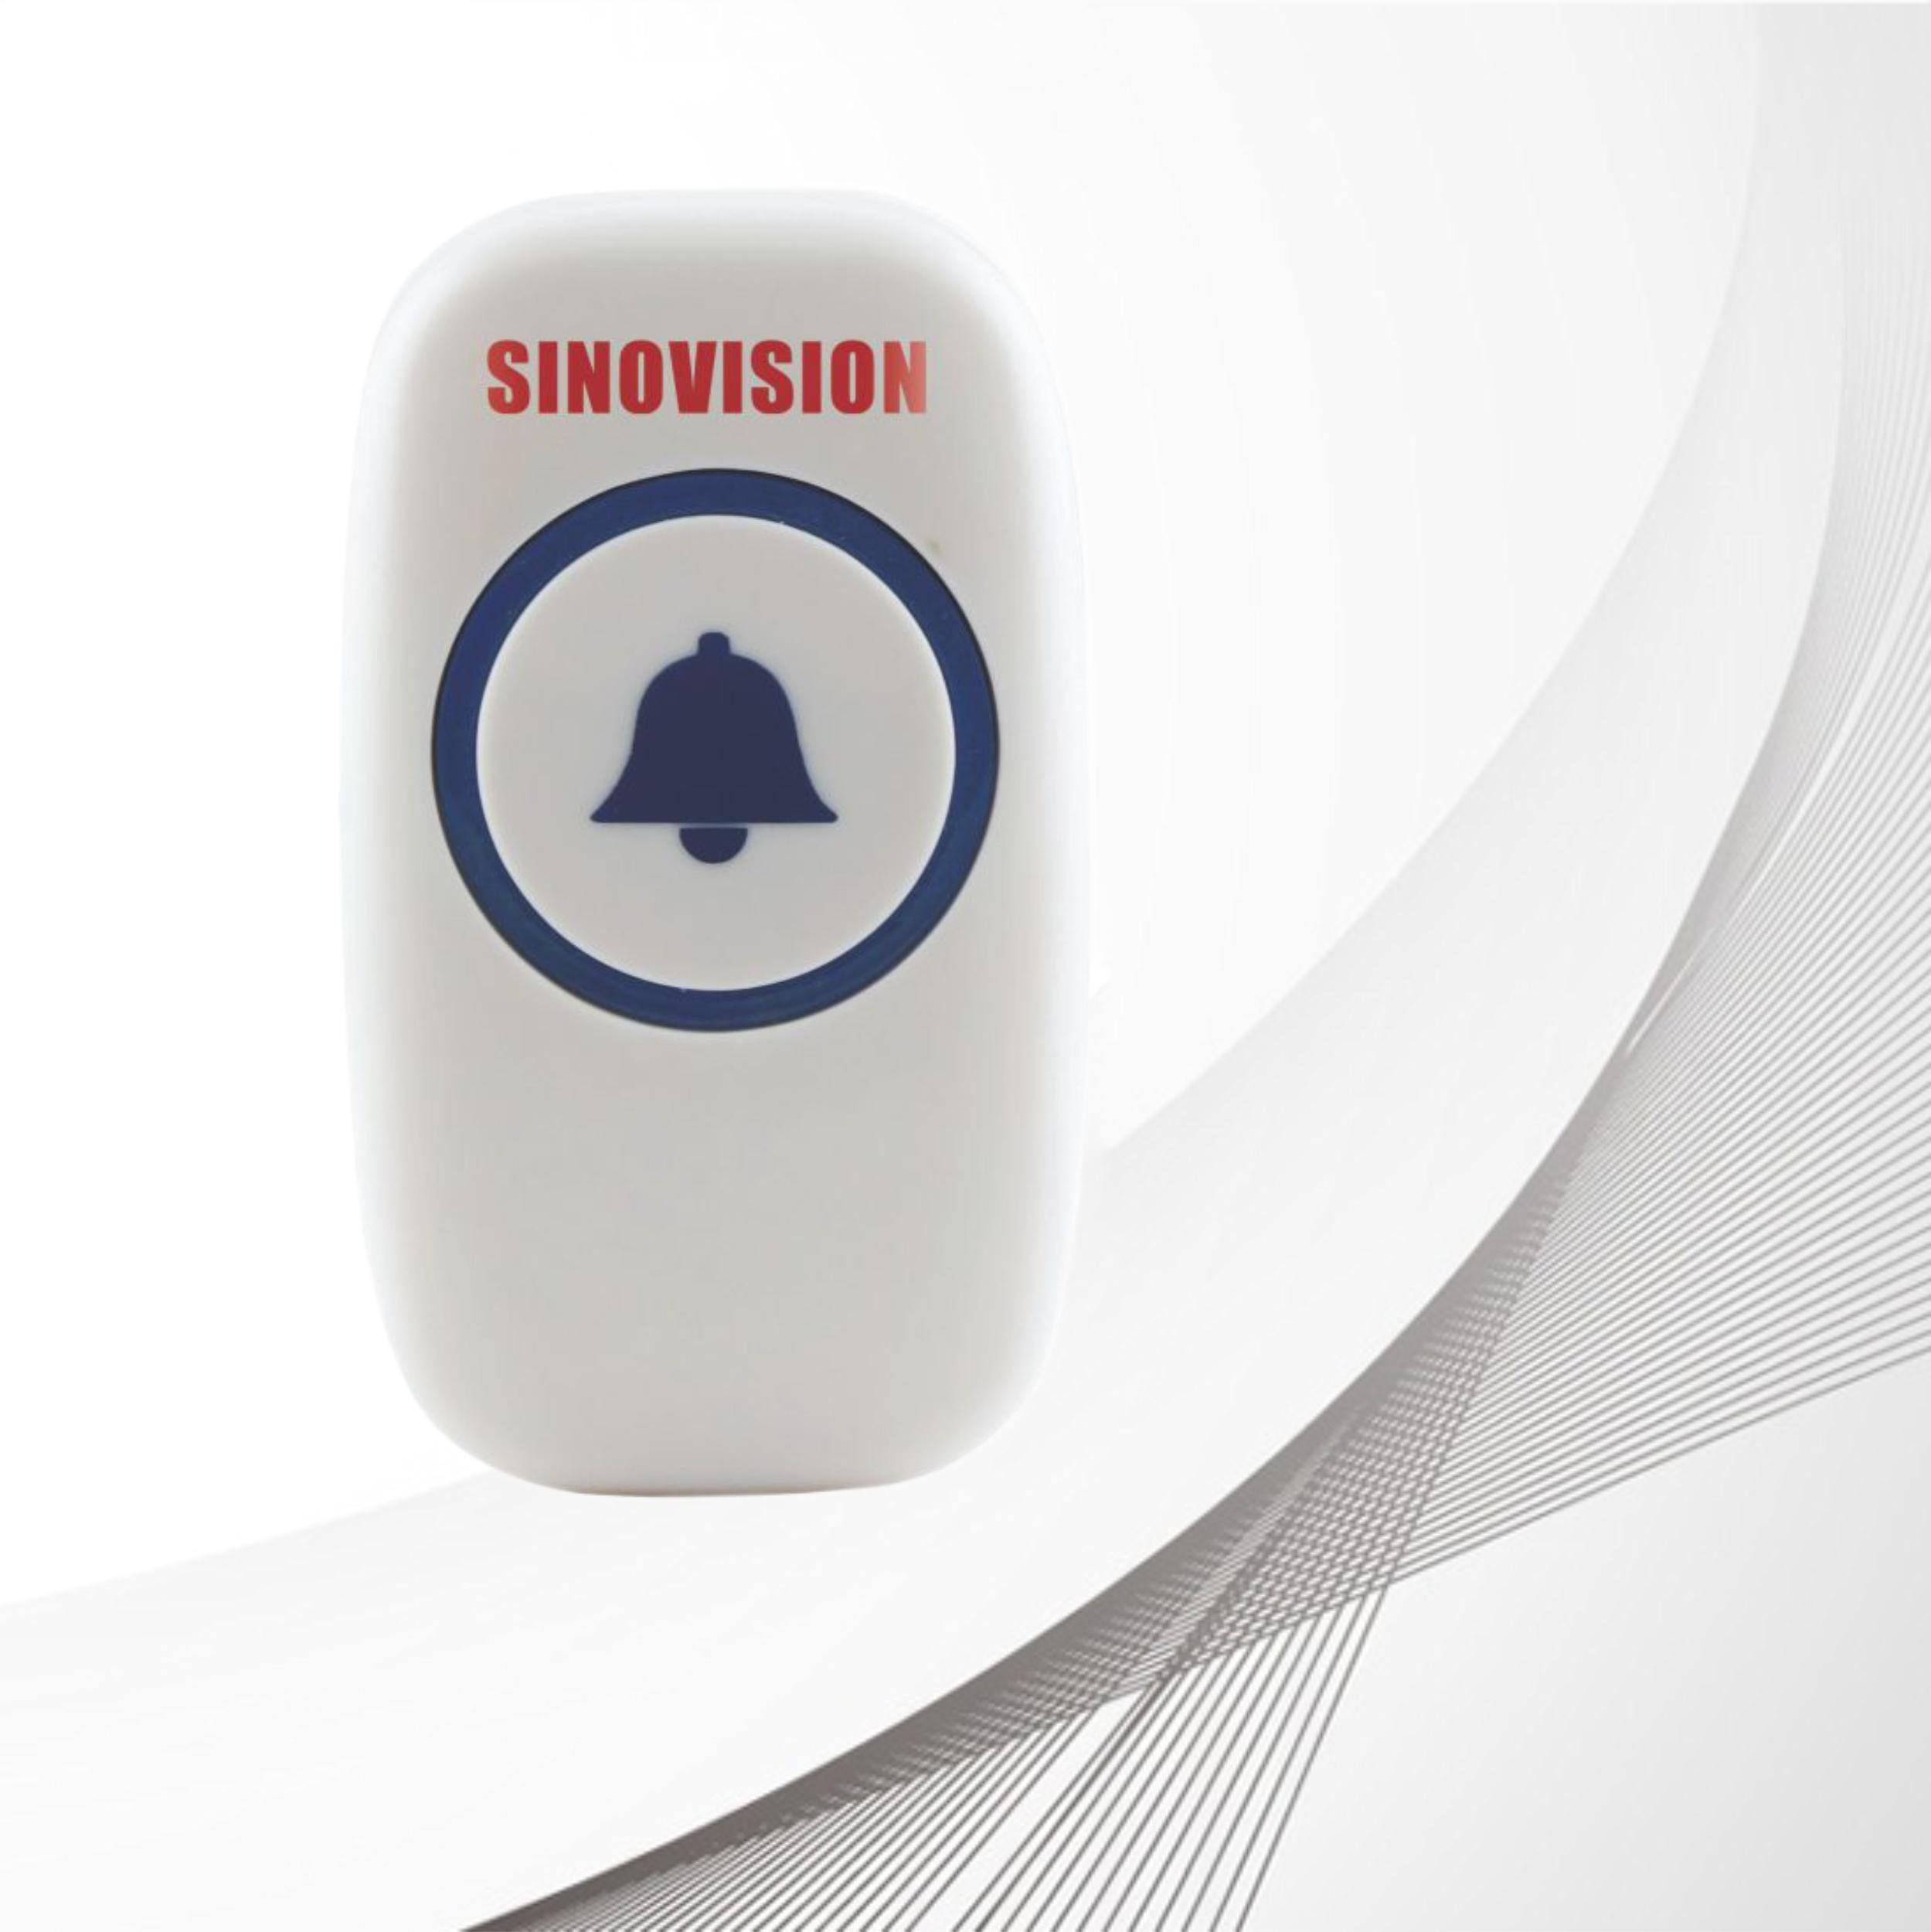 Sinovision Smart door bell